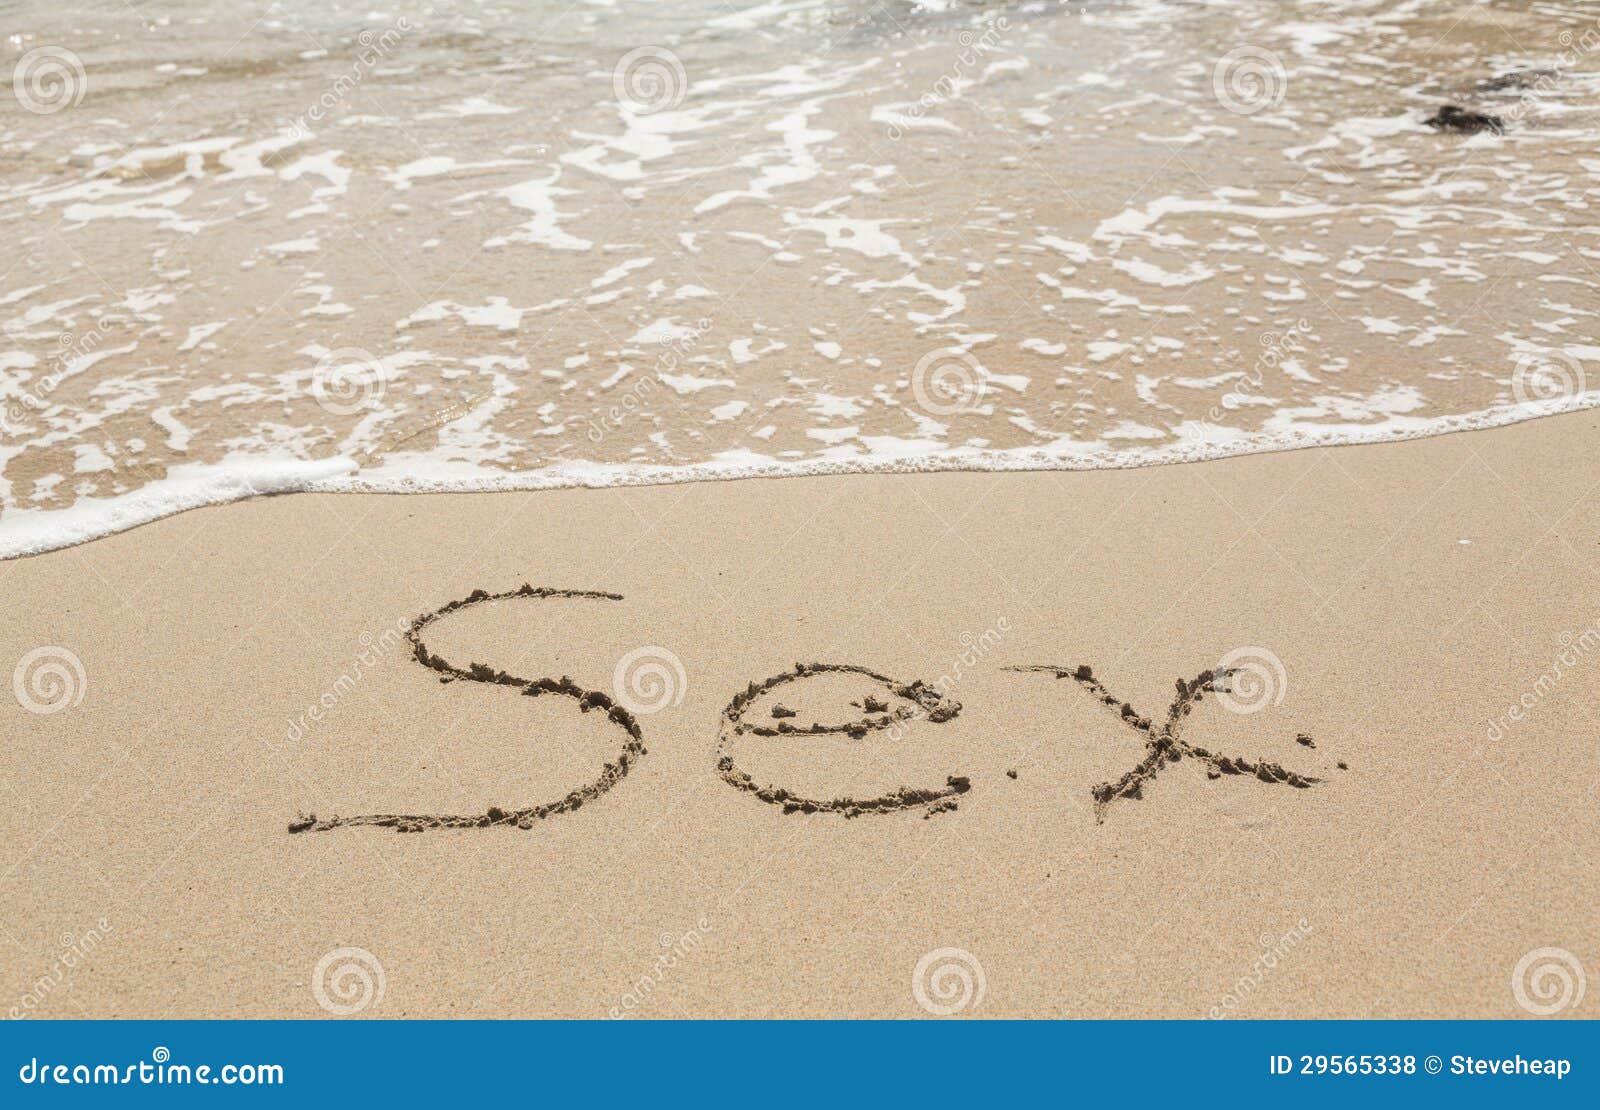 sexe plage com lr sexe